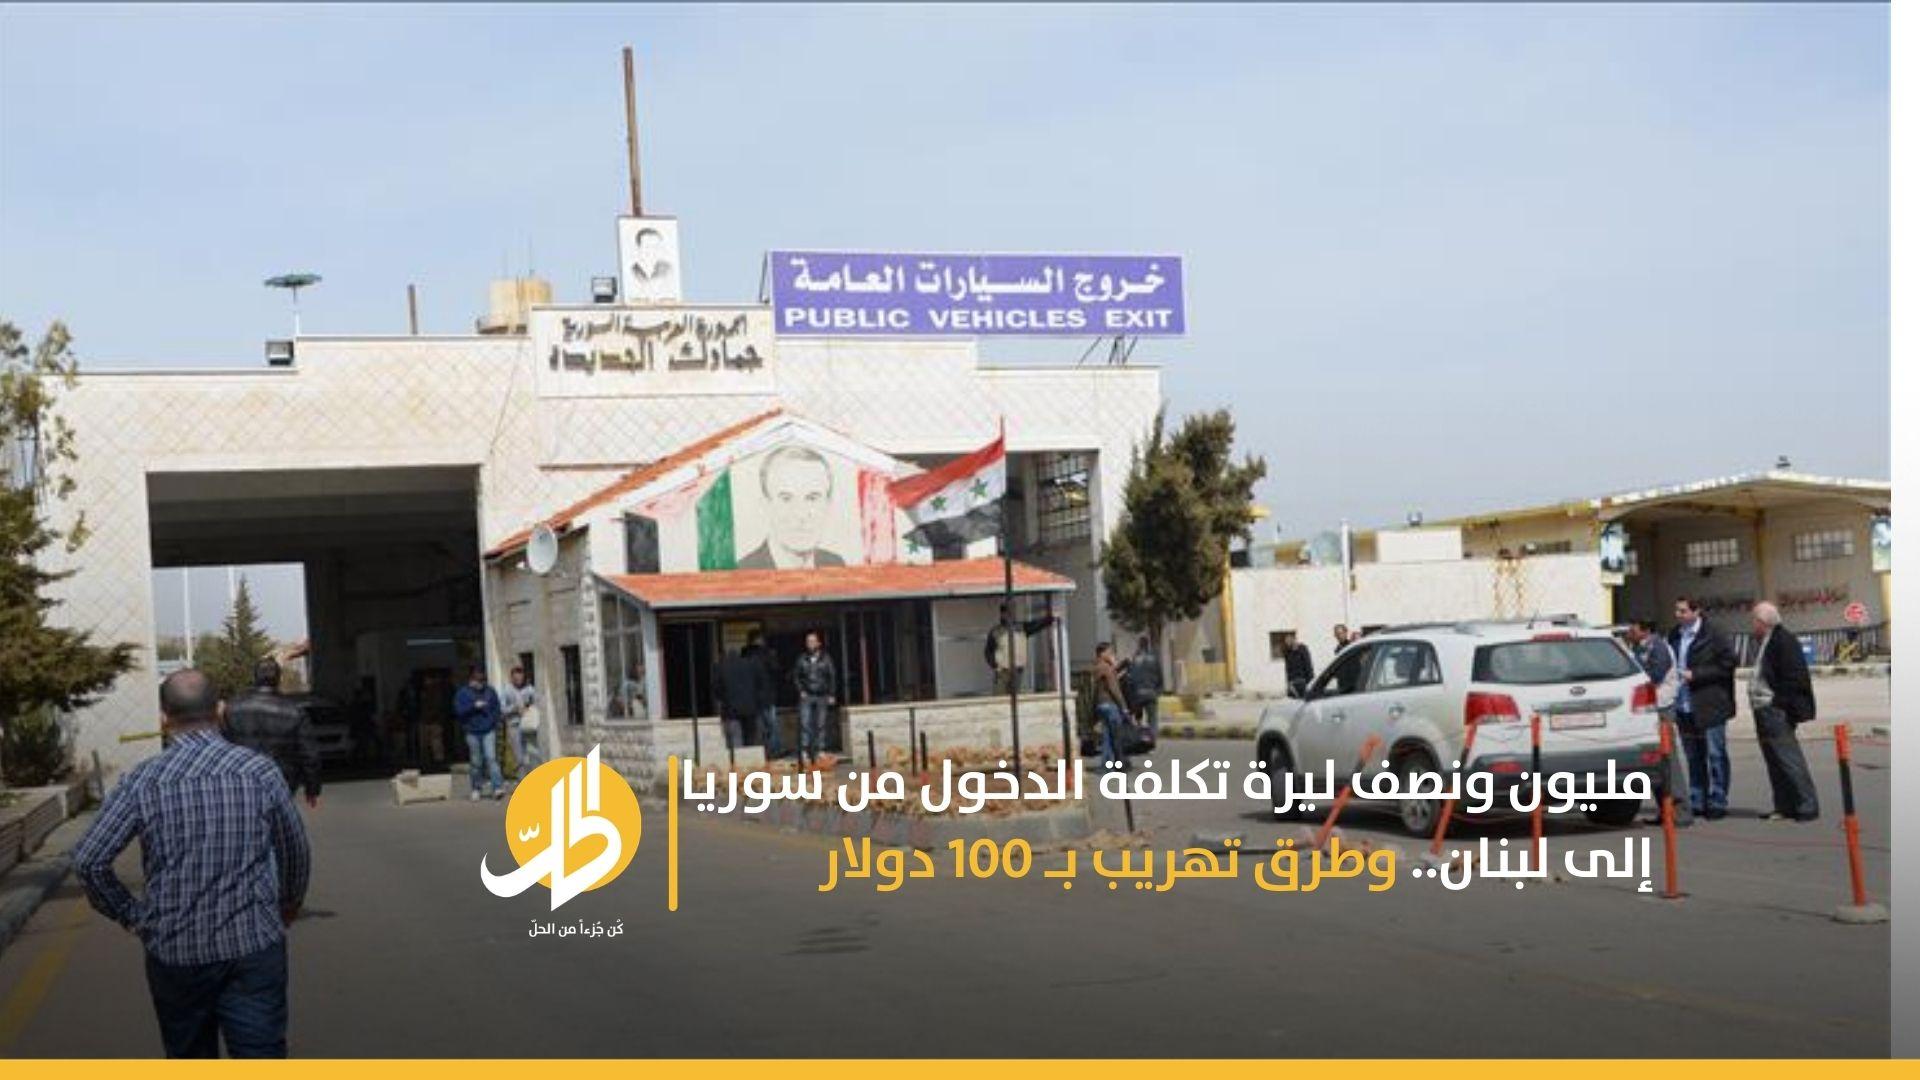 مليون ونصف ليرة تكلفة الدخول من سوريا إلى لبنان.. وطرق تهريب بـ 100 دولار